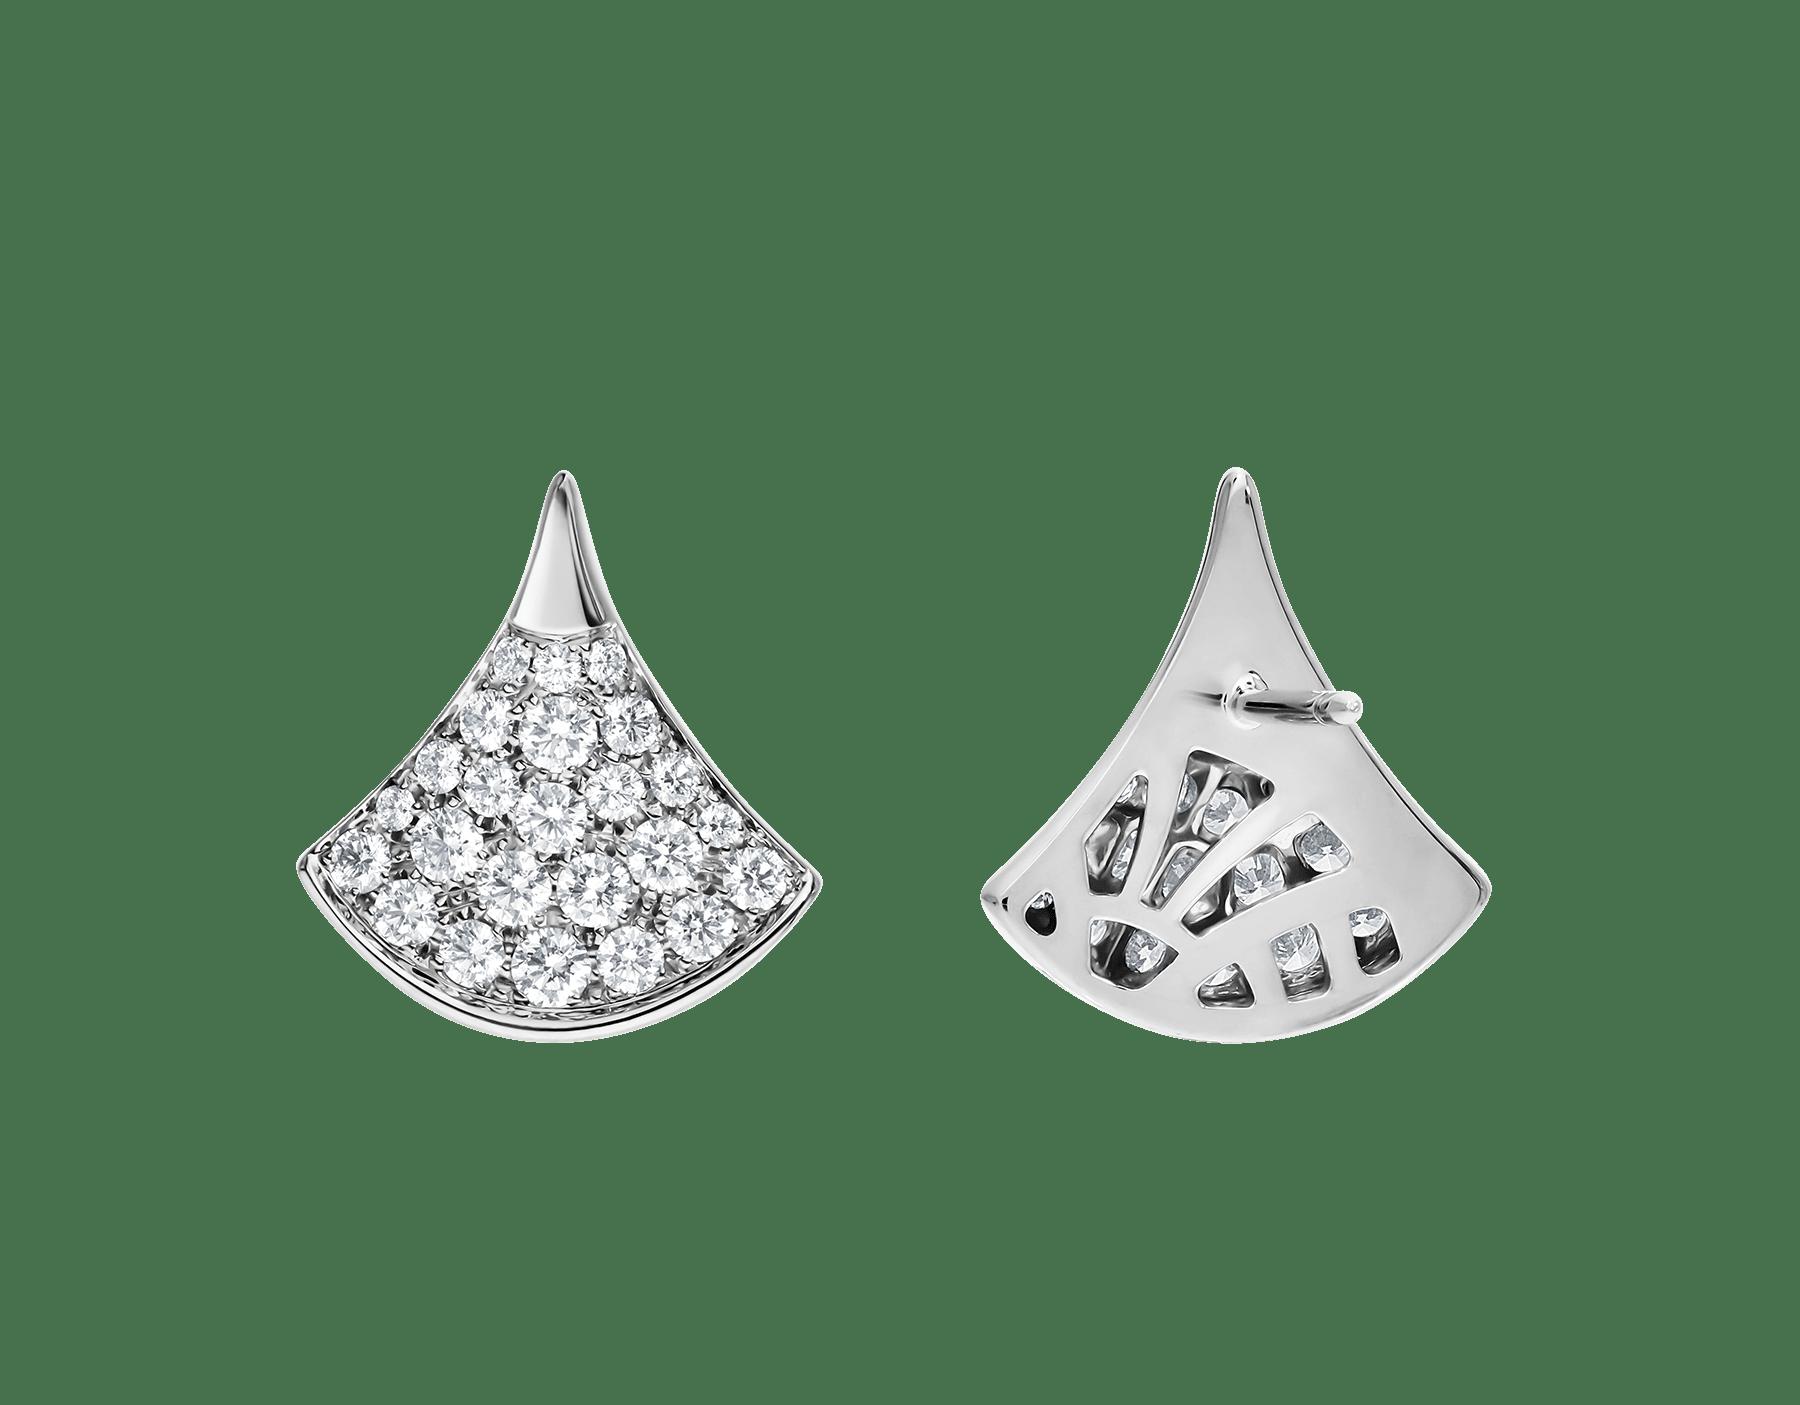 Los pendientes DIVAS' DREAM, deslumbrantes gracias a la pureza de sus formas femeninas y la clásica y atemporal combinación del pavé de diamantes y el oro blanco, revelan la refinada elegancia de cada diva. 352602 image 3